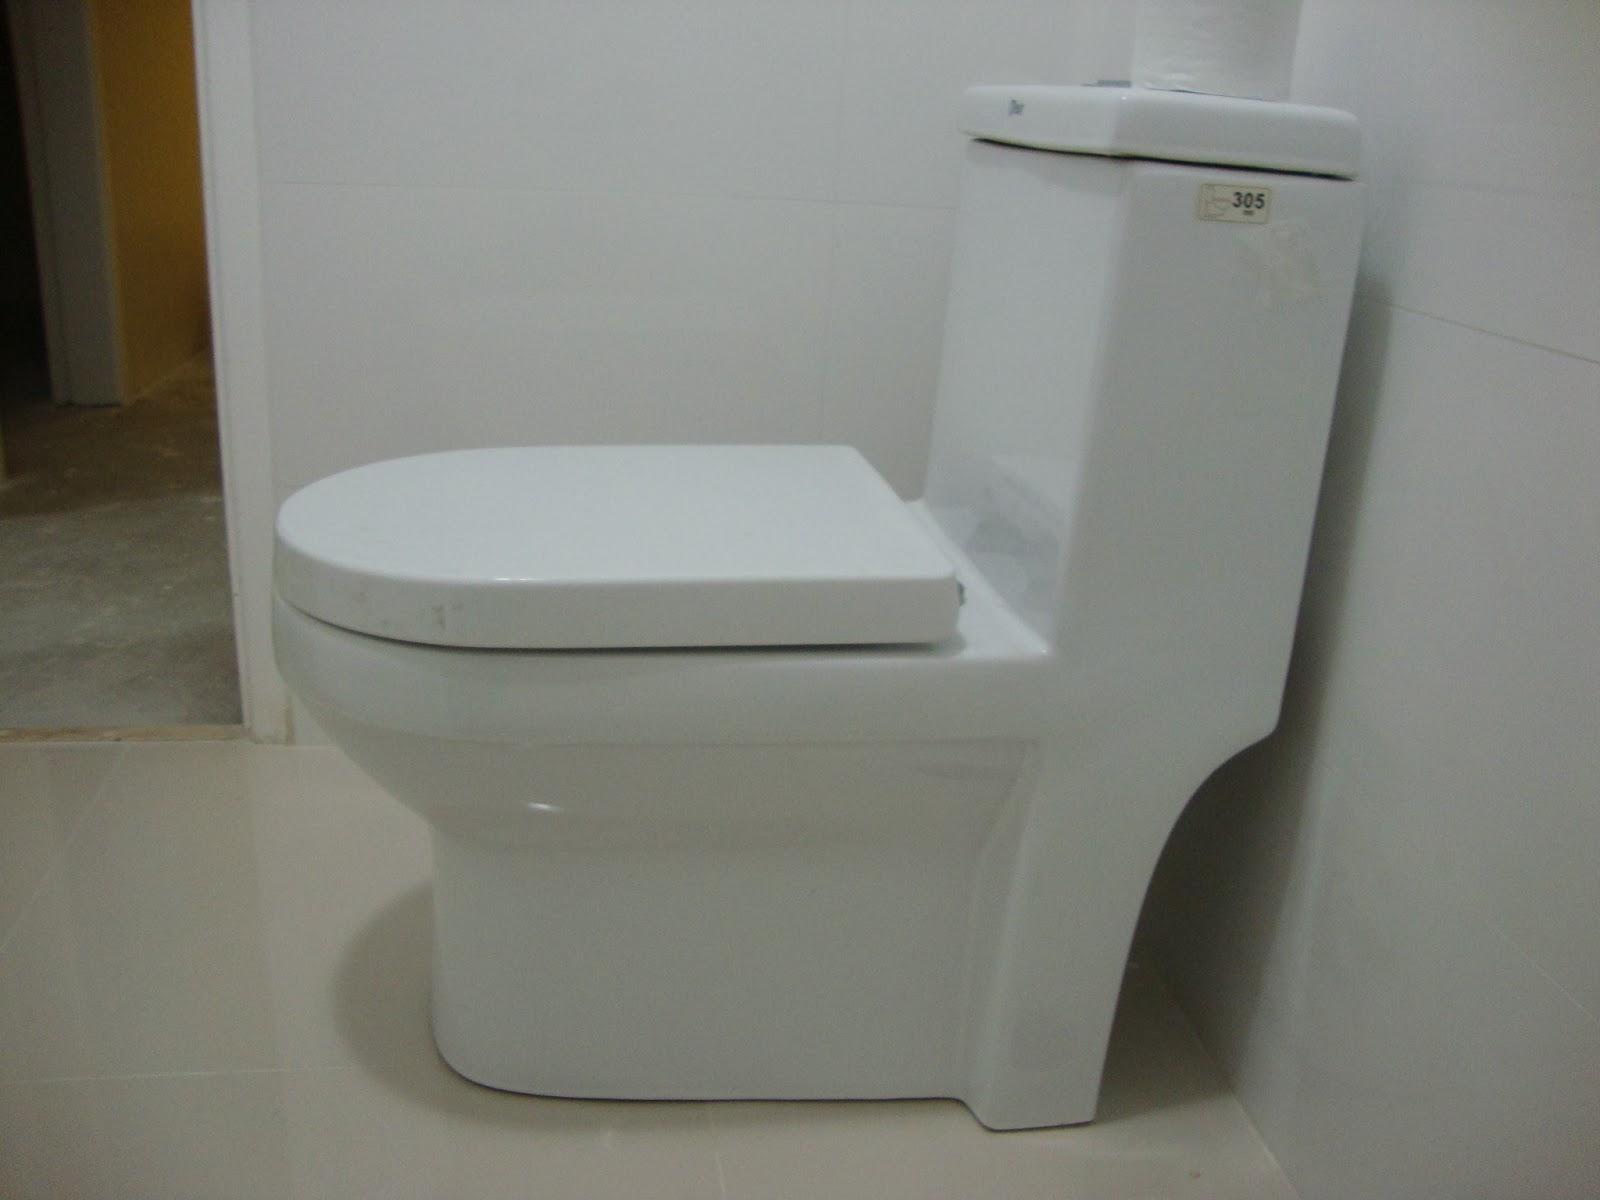 Olha nosso vaso sanitário aí. Hoje cedo foram passar silicone na  #594727 1600x1200 Banheiro Com Pastilha Atras Do Vaso Sanitario